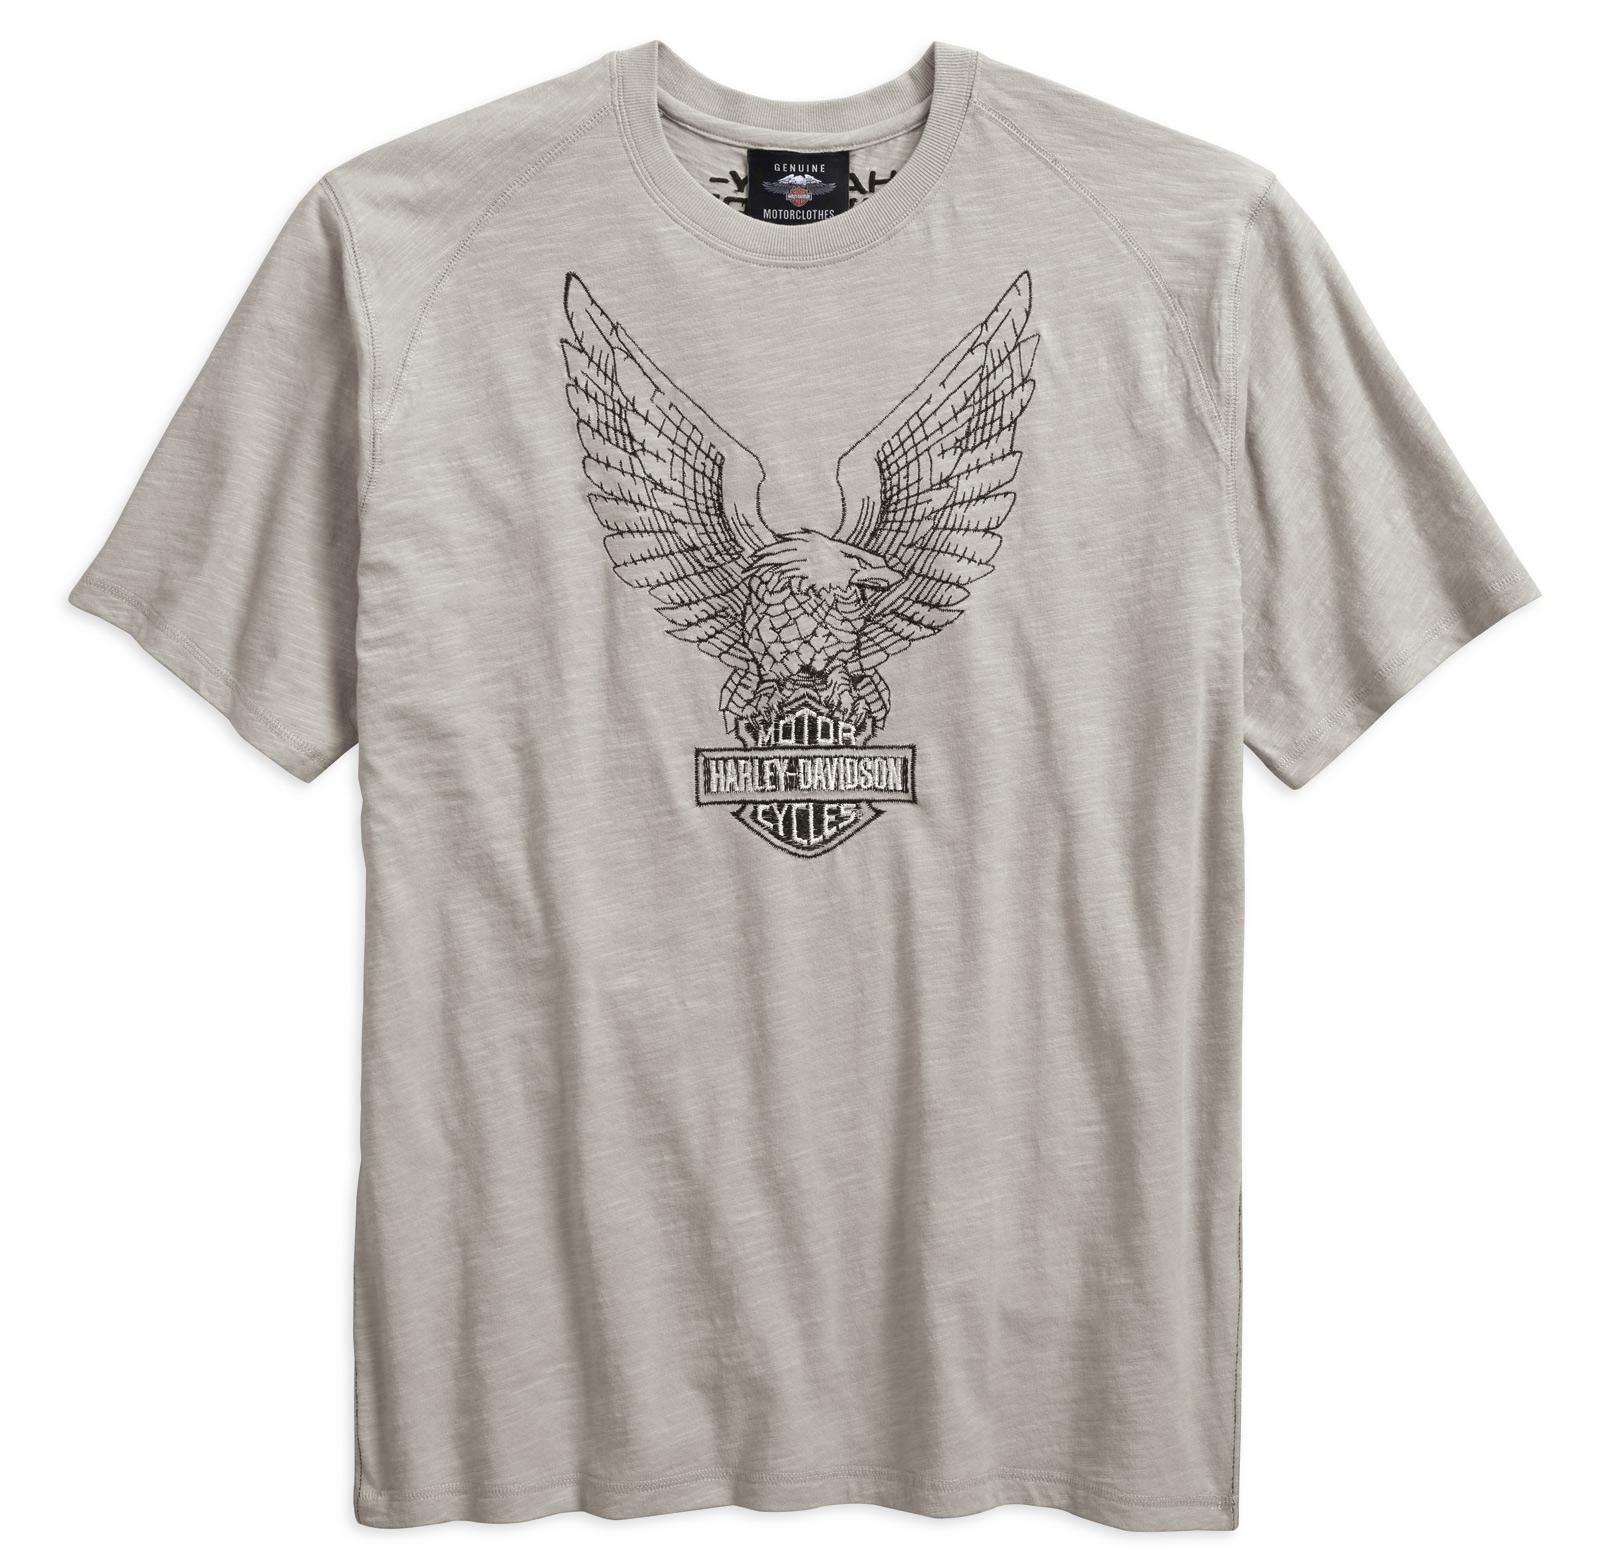 96199-18VM Harley-Davidson T-Shirt Embroidered Eagle light grey at ...